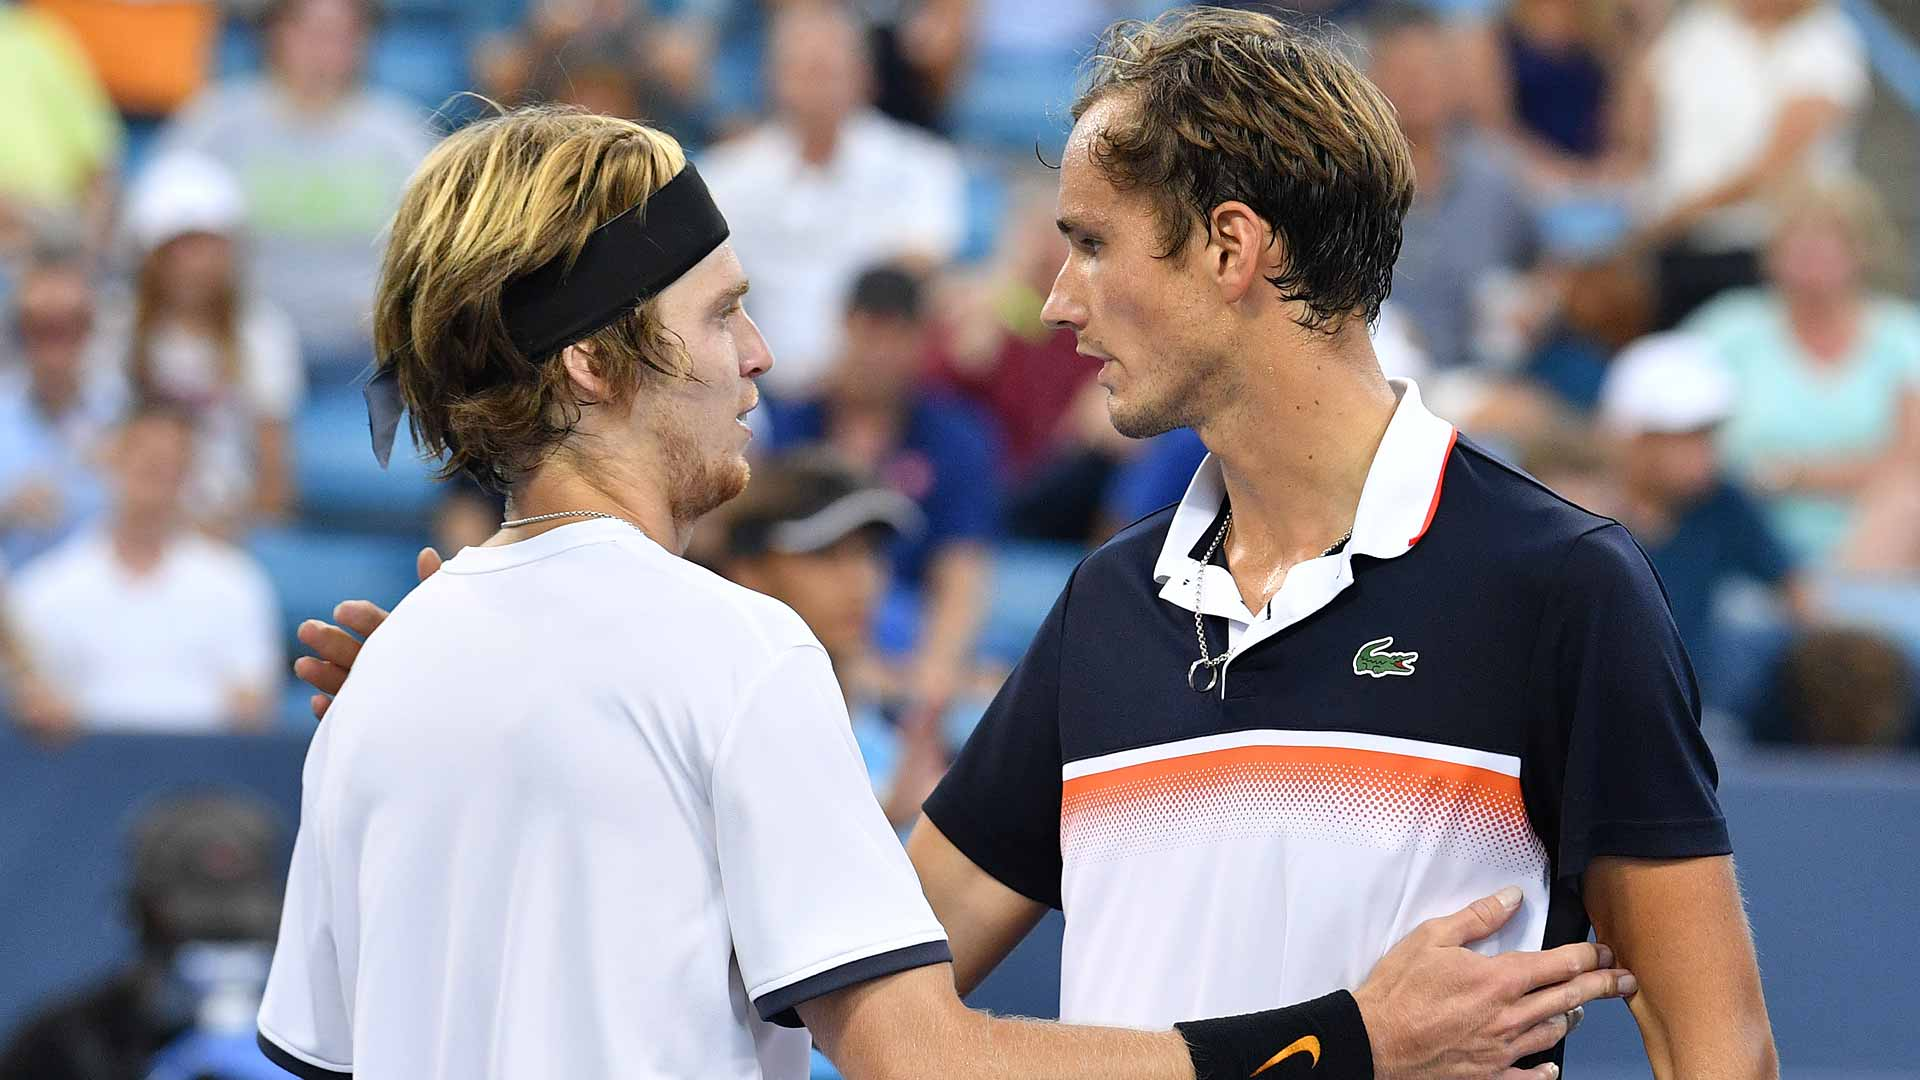 Рублев вышел в четвертьфинал Australian Open, где сыграет с Медведевым